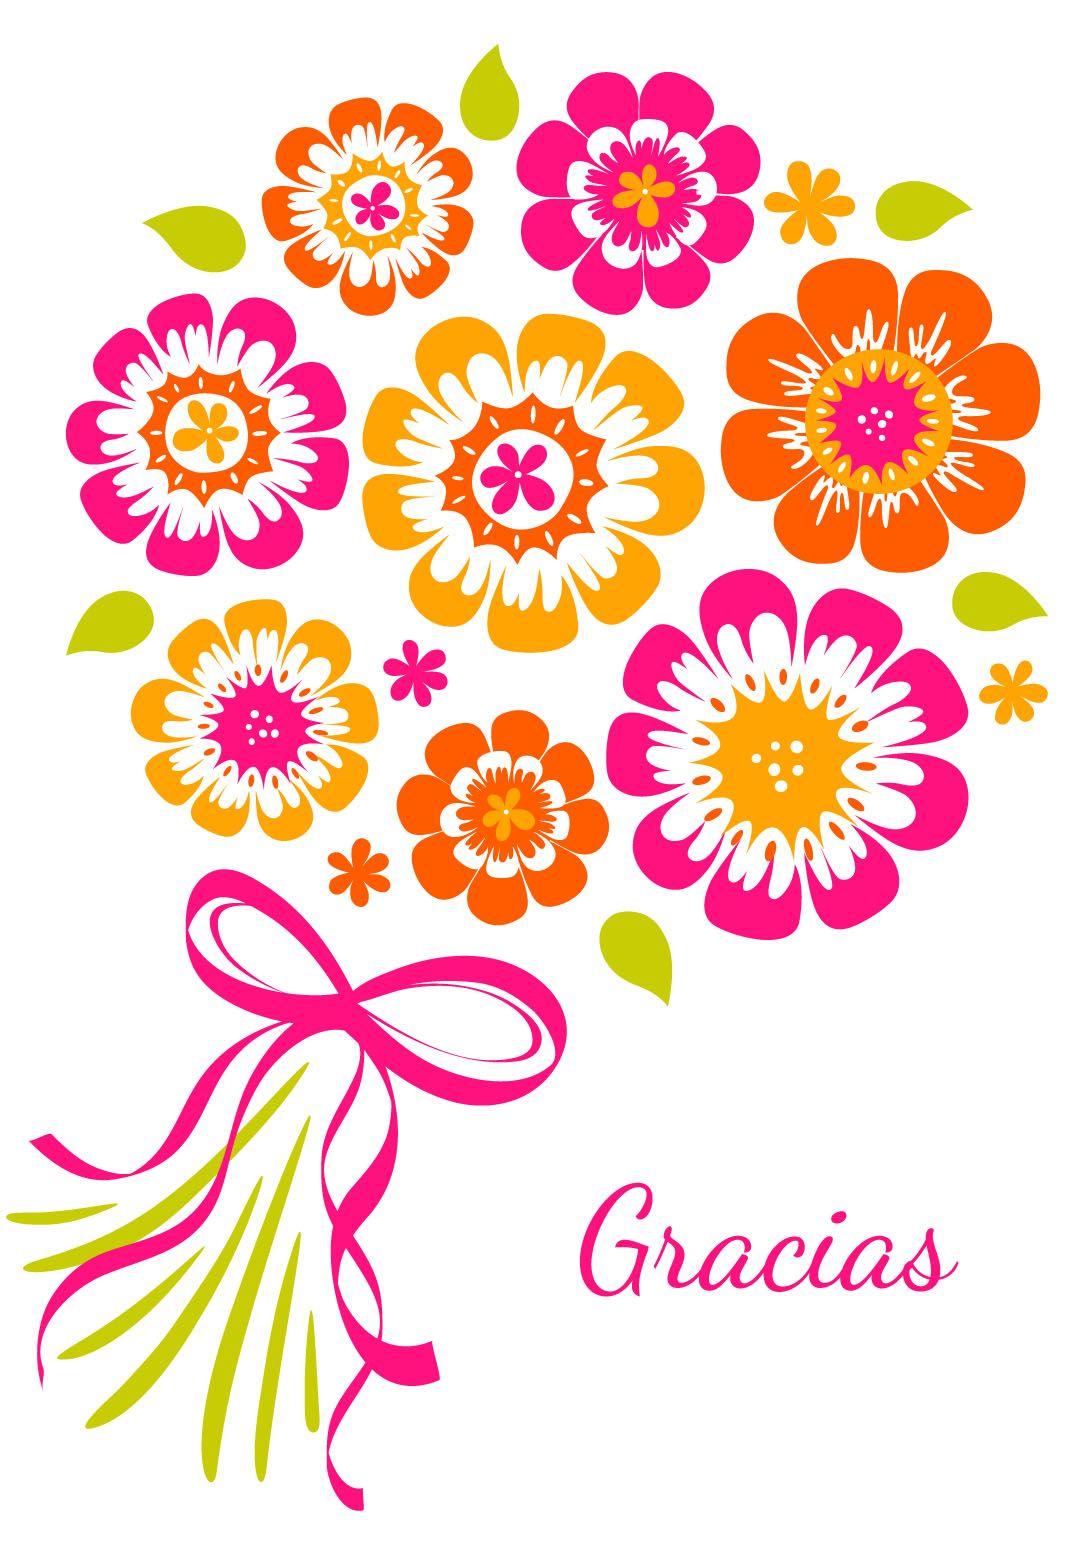 Tarjeta Gratis De Agradecimiento Para Imprimir Por Todo Lo Que